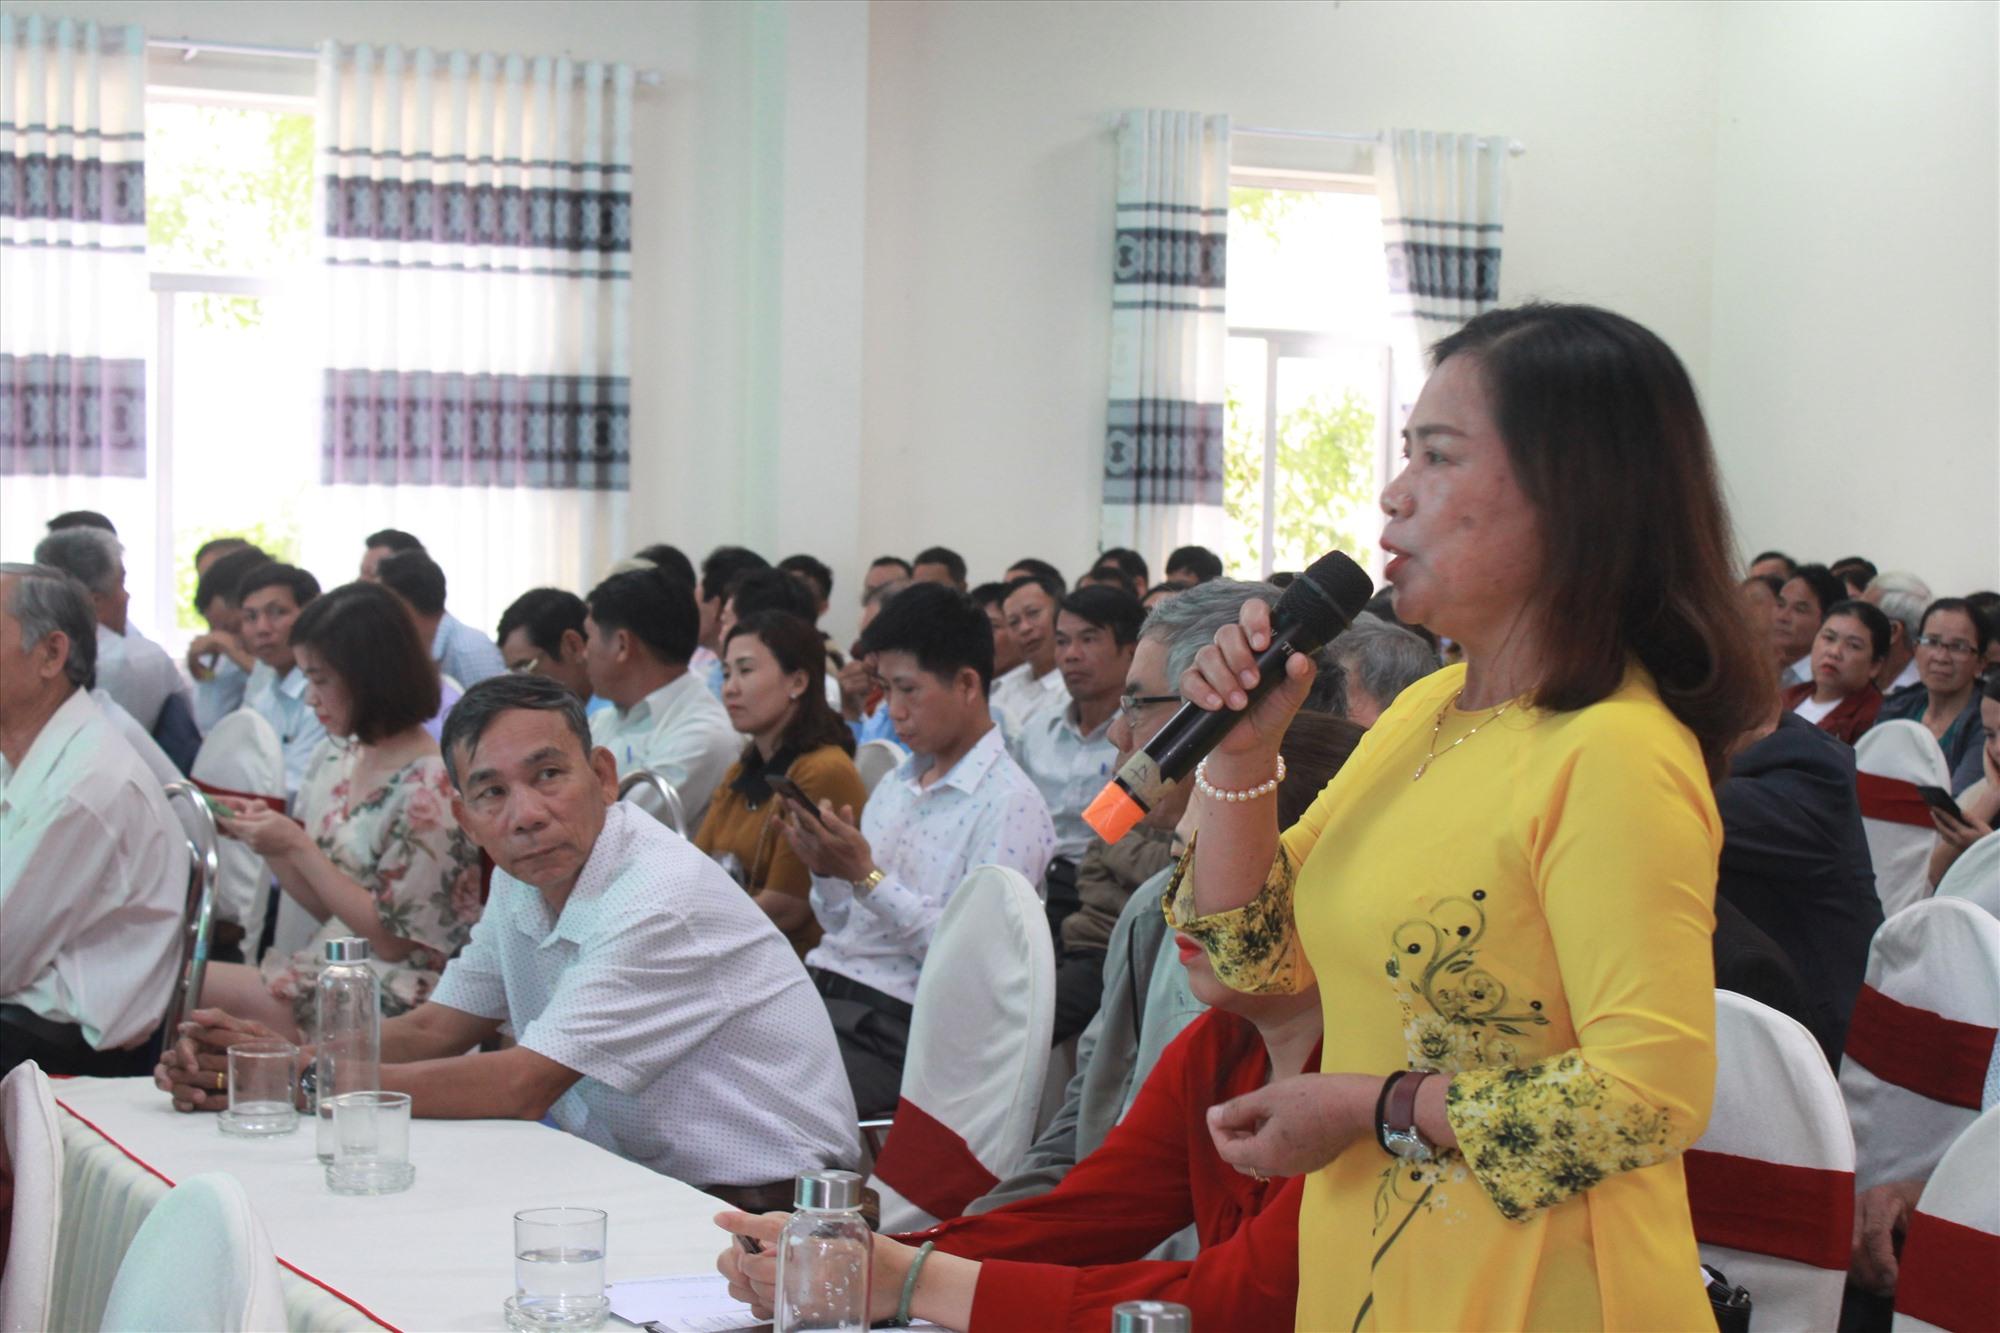 """Diễn đàn"""" Nông dân Quảng Nam khởi nghiệp sáng tạo từ sản phẩm địa phương"""" để lại nhiều ấn tượng trong chuỗi hoạt động Techfest Quang Nam 2021. Ảnh: C.V"""